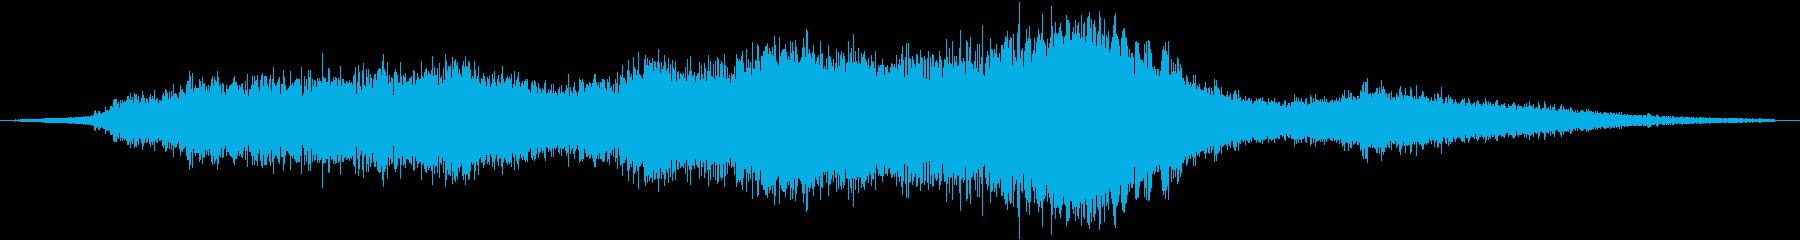 【終末期】 ポストアポカリプスな世界_3の再生済みの波形